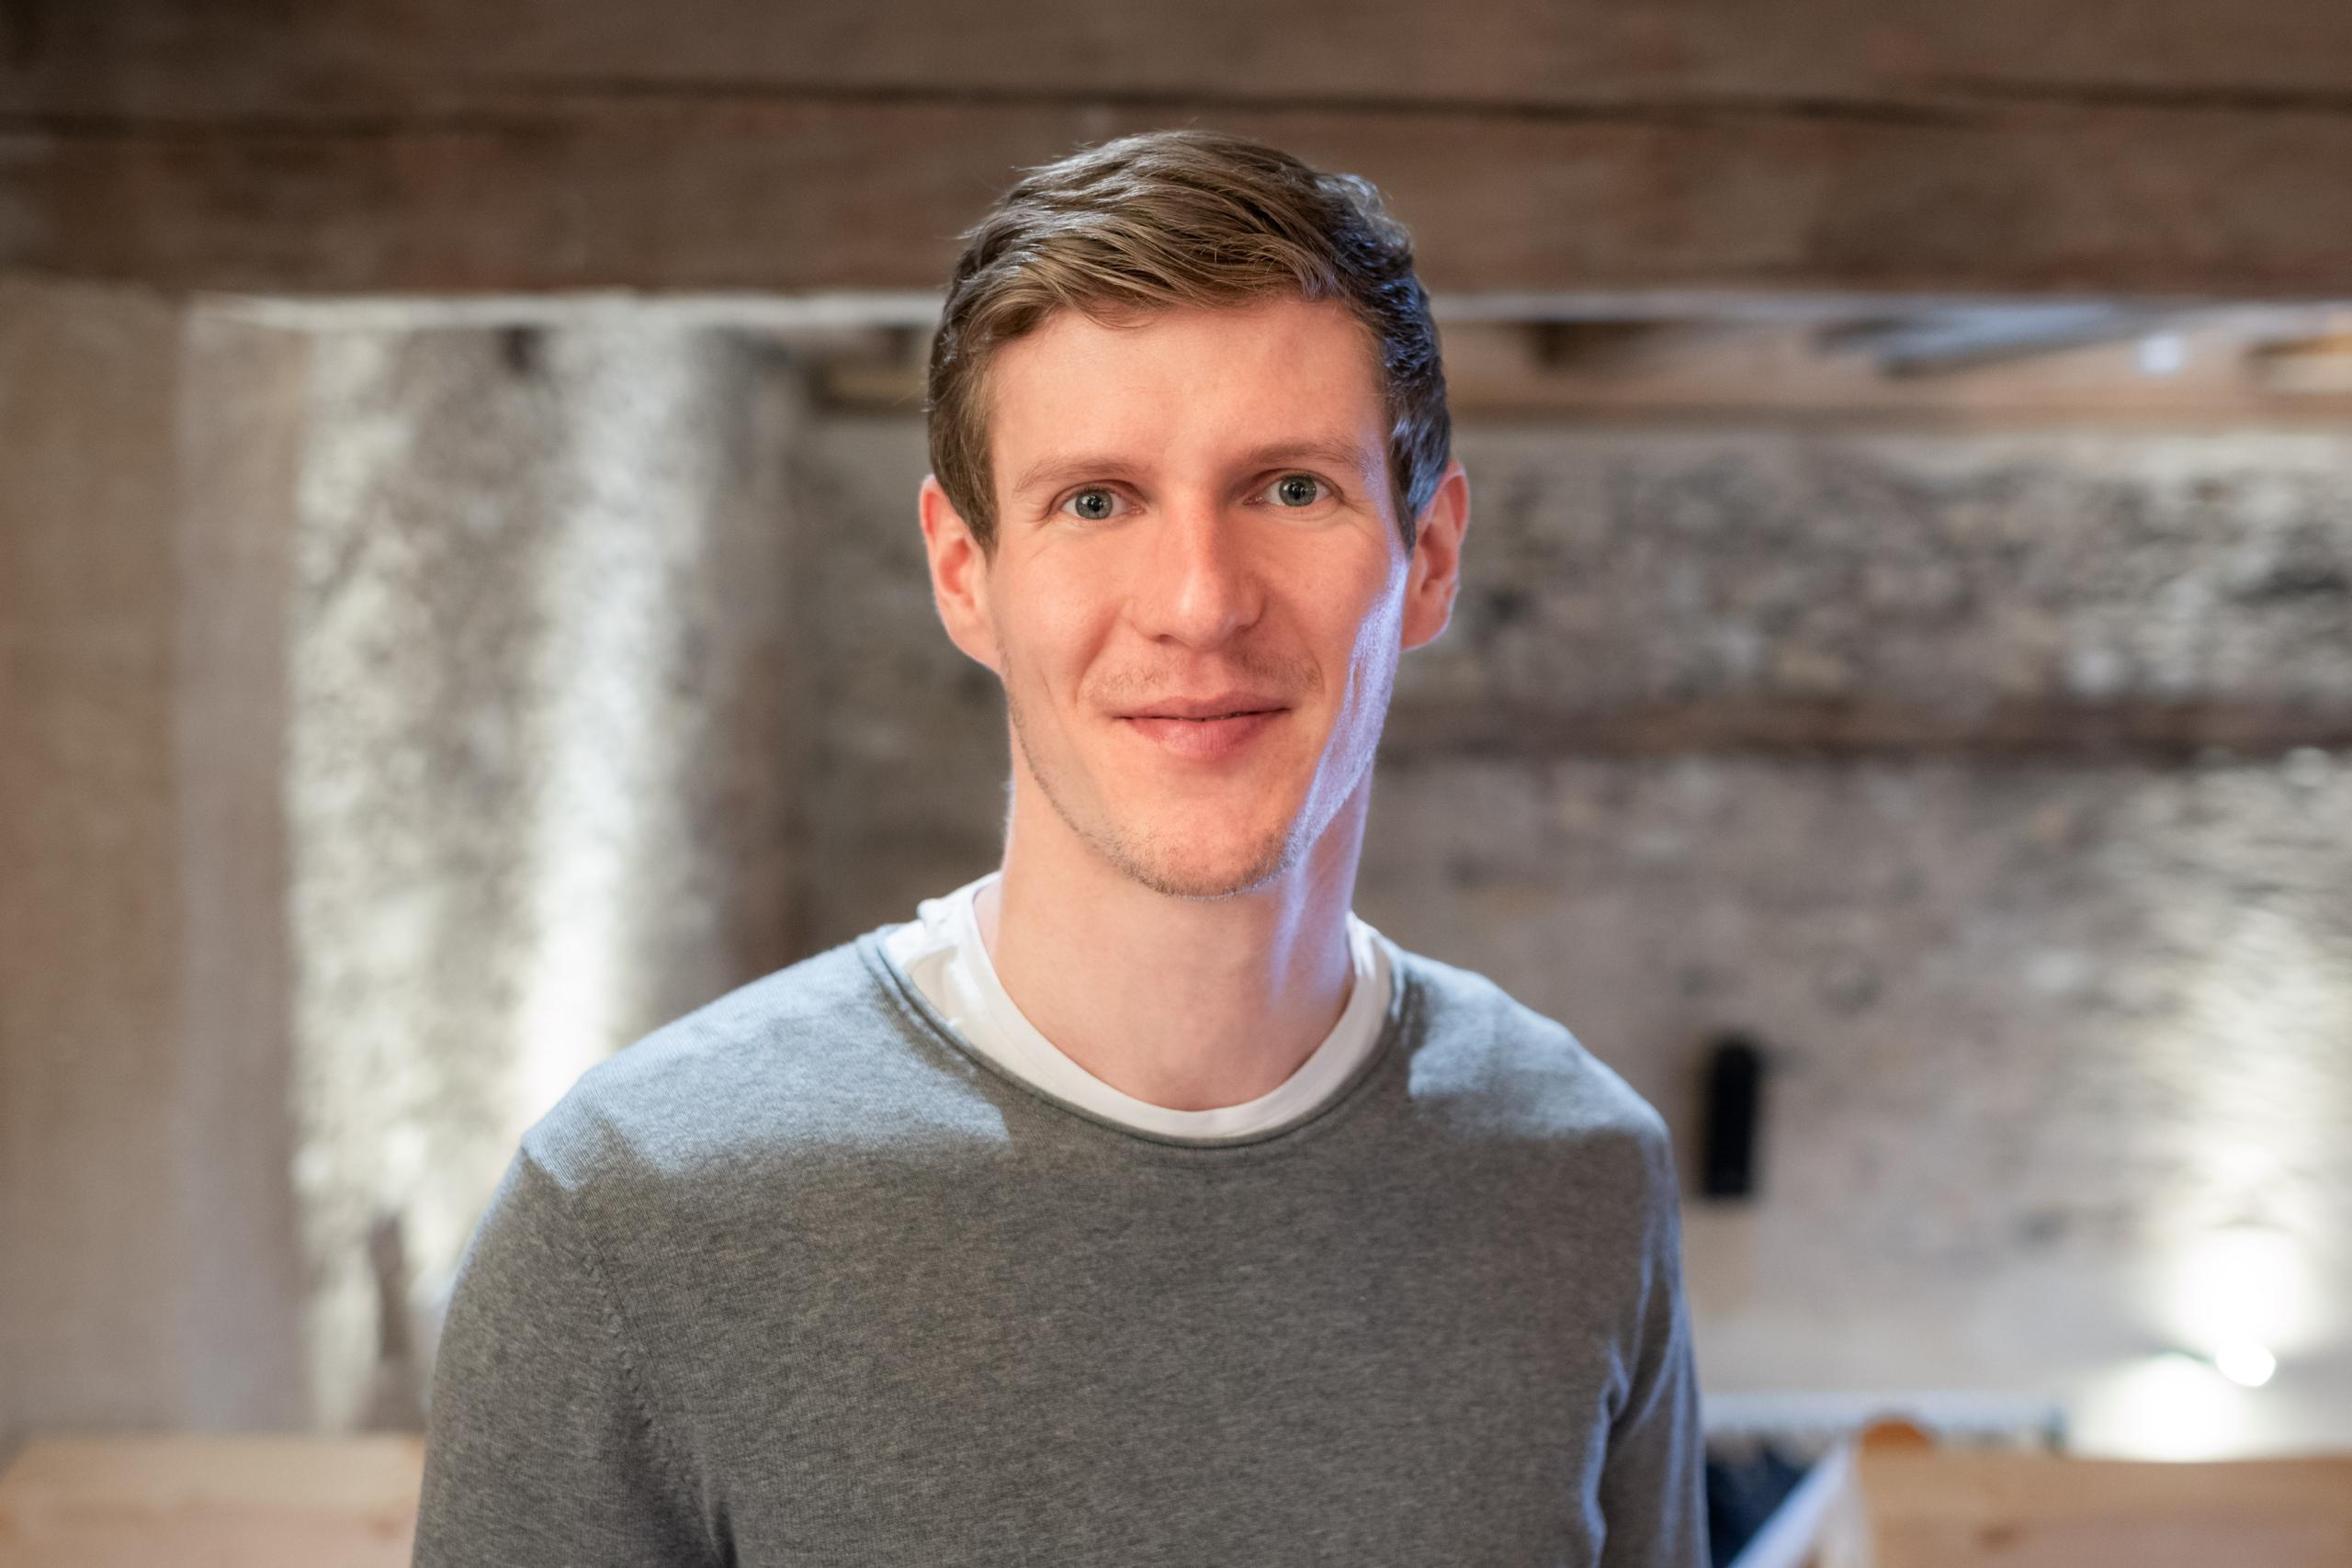 Johannes Raab, Manager bei Nagler & Company und wissenschaftlicher Mitarbeiter am Lehrstuhl für Statistik und Risikomanagement (Prof. Dr. Daniel Rösch) der Universität Regensburg